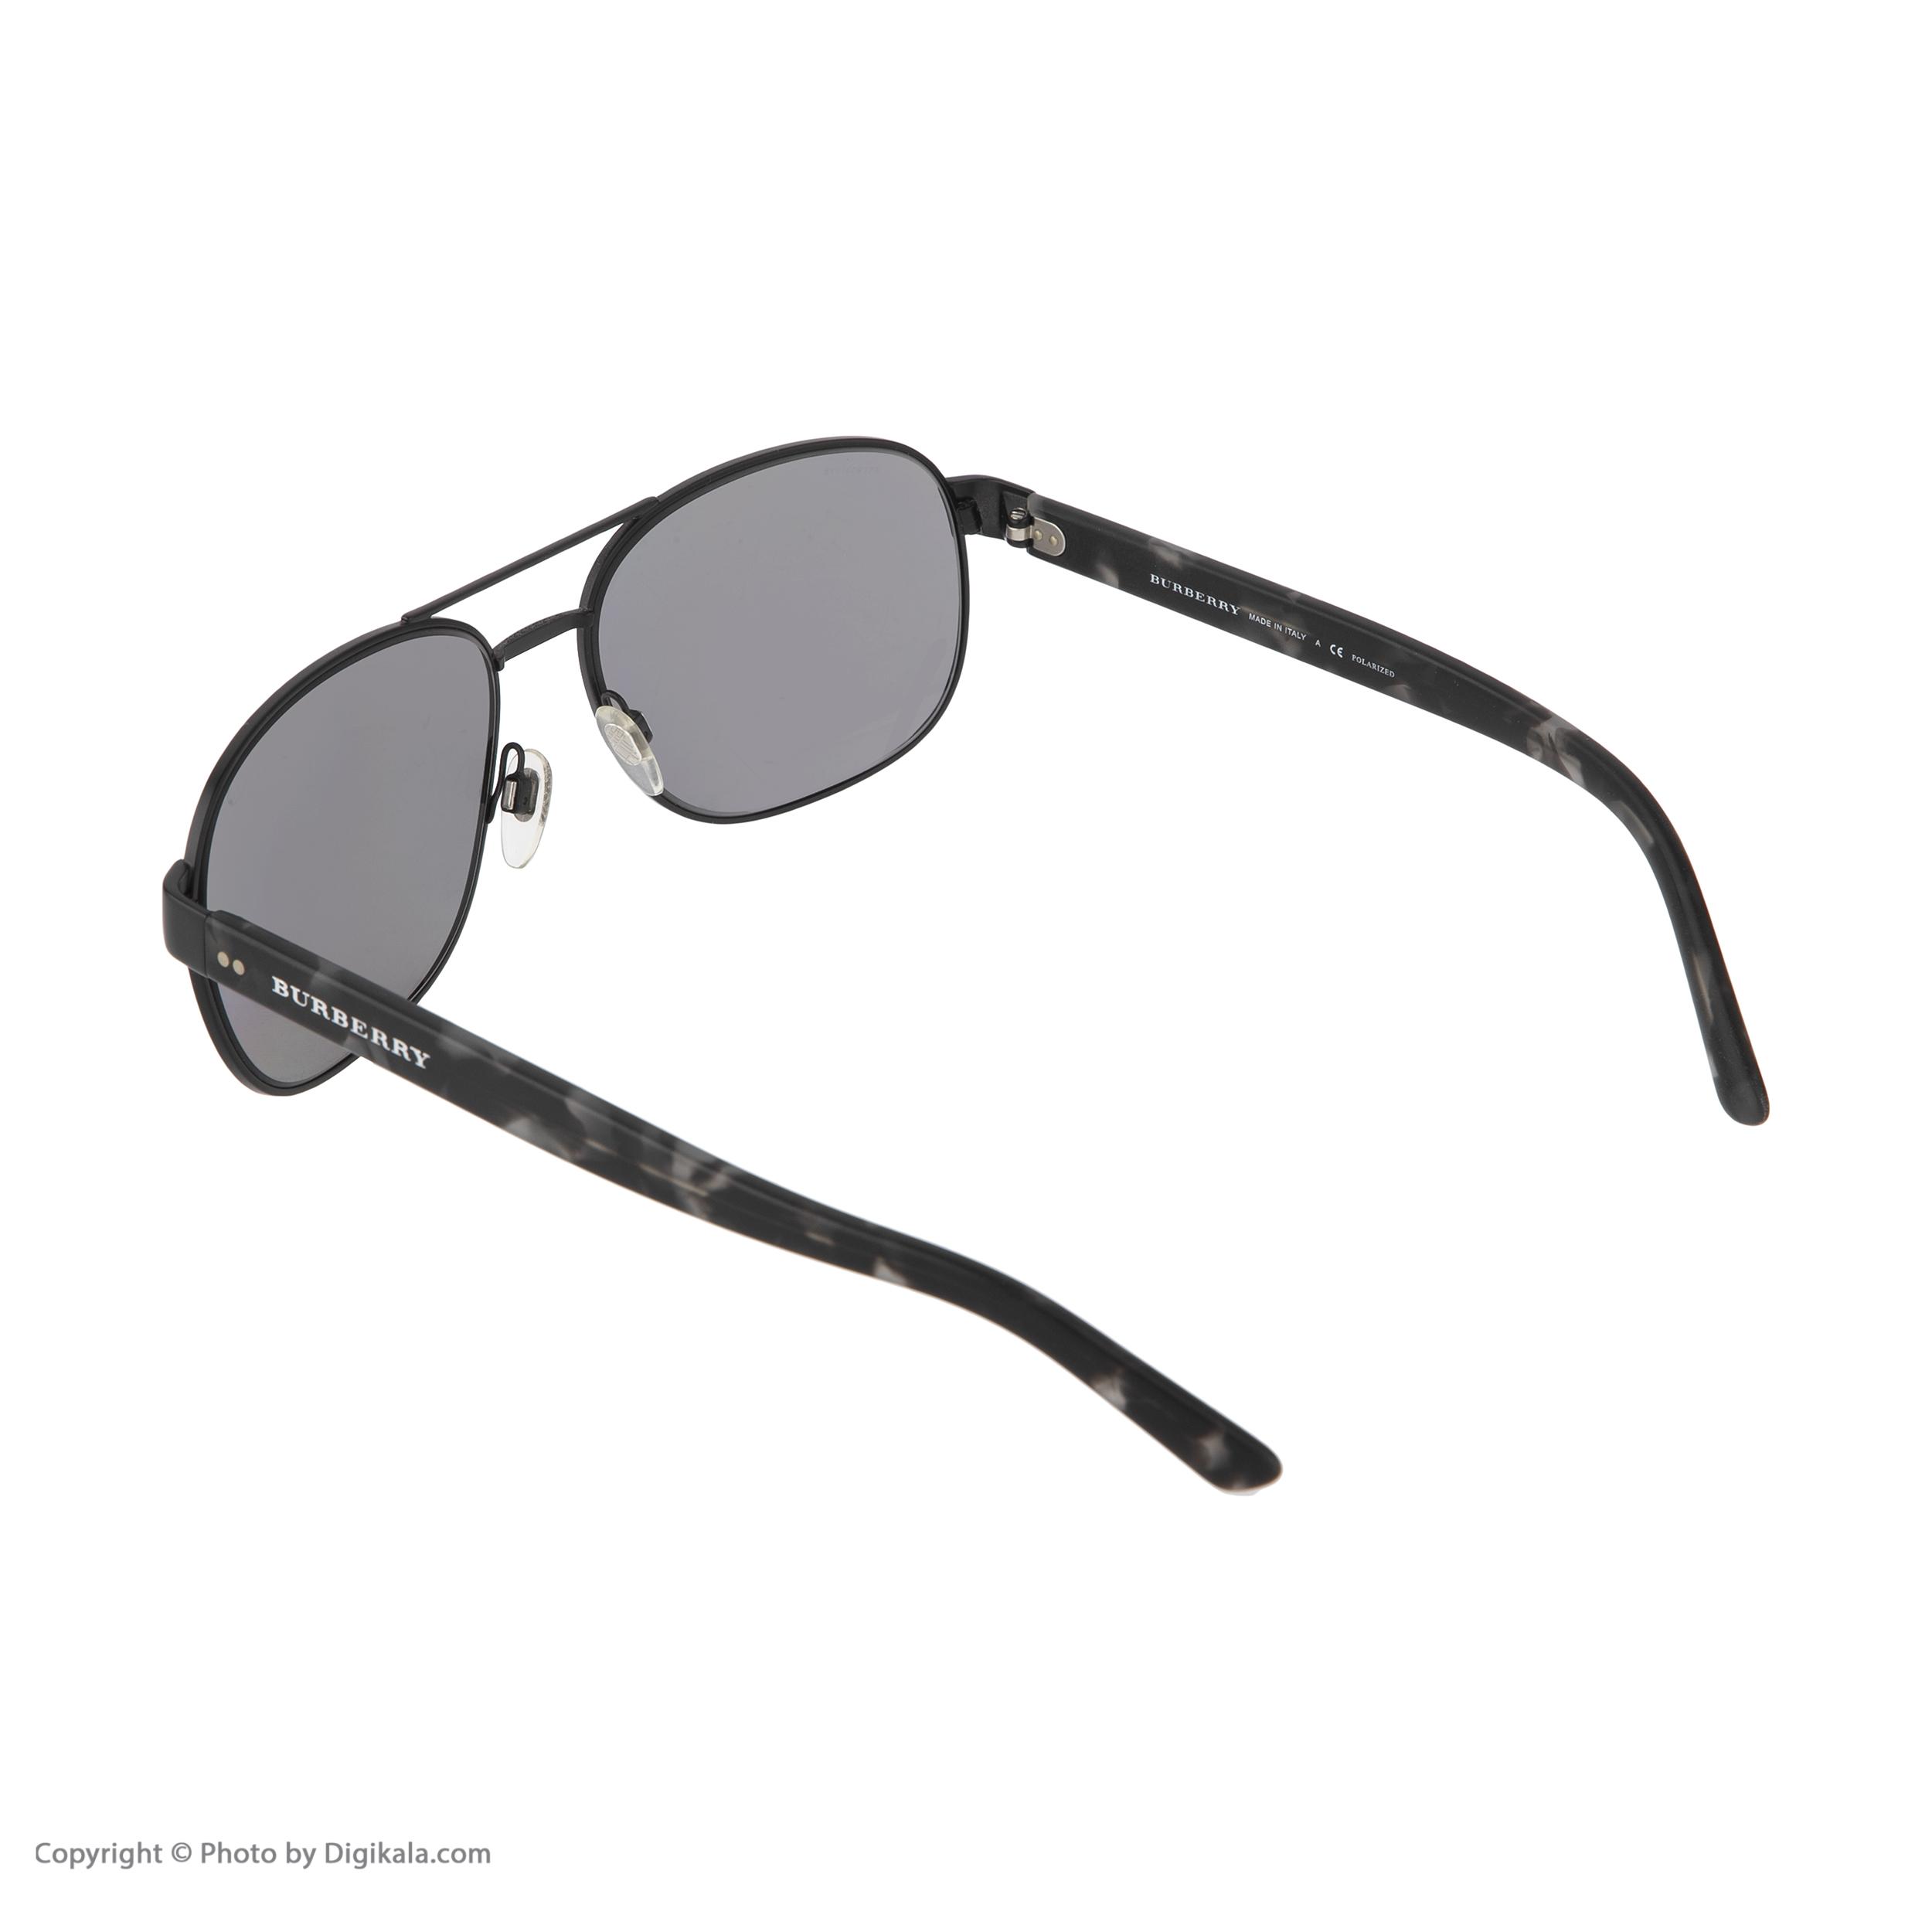 عینک آفتابی زنانه بربری مدل BE 3083S 1007T8 59 -  - 5